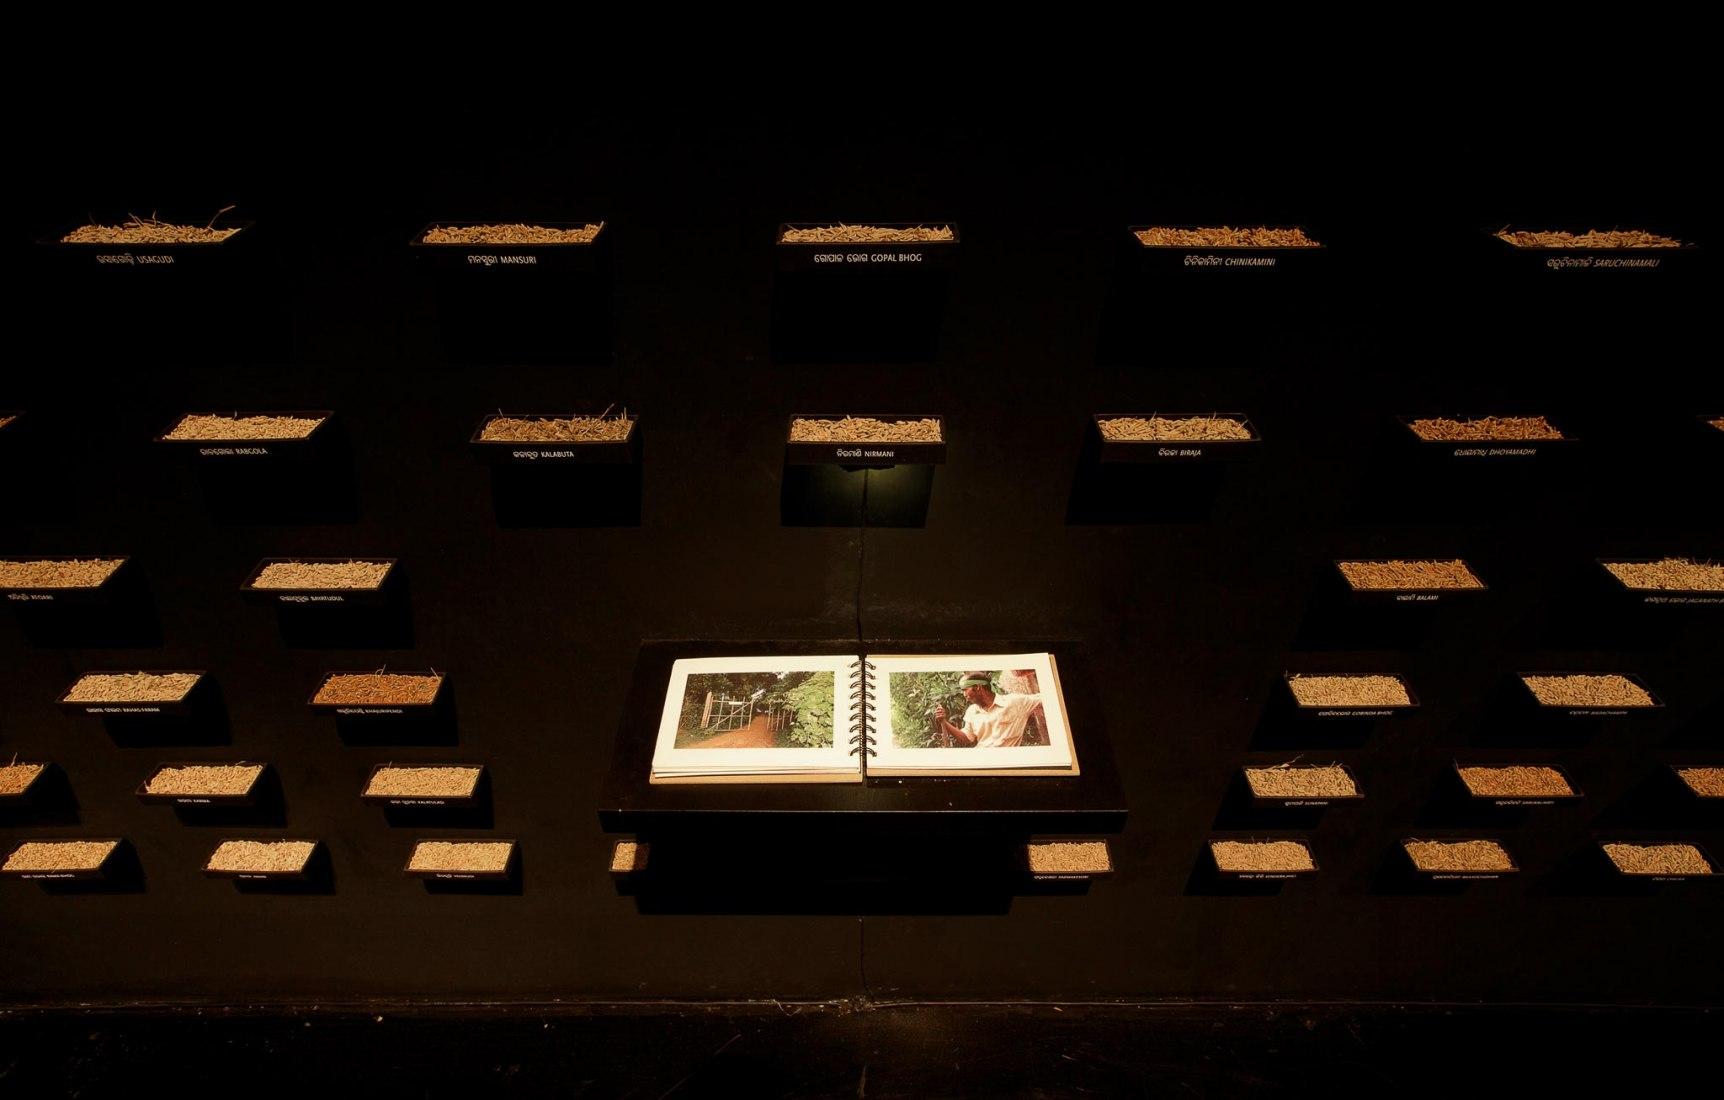 Vista de la Instalación: Documenta (13), Kassel, Alemania, 2012. 272 Variedades de semillas de arroz orgánico autóctono, n.d. Amar Kanwar. Fotografía por Henrik Stromberg. Semillas de arroz, contenedores de papel, estantes de metal y de madera, tres libros, luces LED. Dimensiones variables. Producido con el apoyo de Samadrusti, Odisha; Thyssen-Bornemisza Art Contemporary, Viena; Centre Pompidou, París; Yorkshire Sculpture Park; Public Press, Nueva Delhi y Documenta (13), Kassel. Thyssen-Bornemisza Art Conte